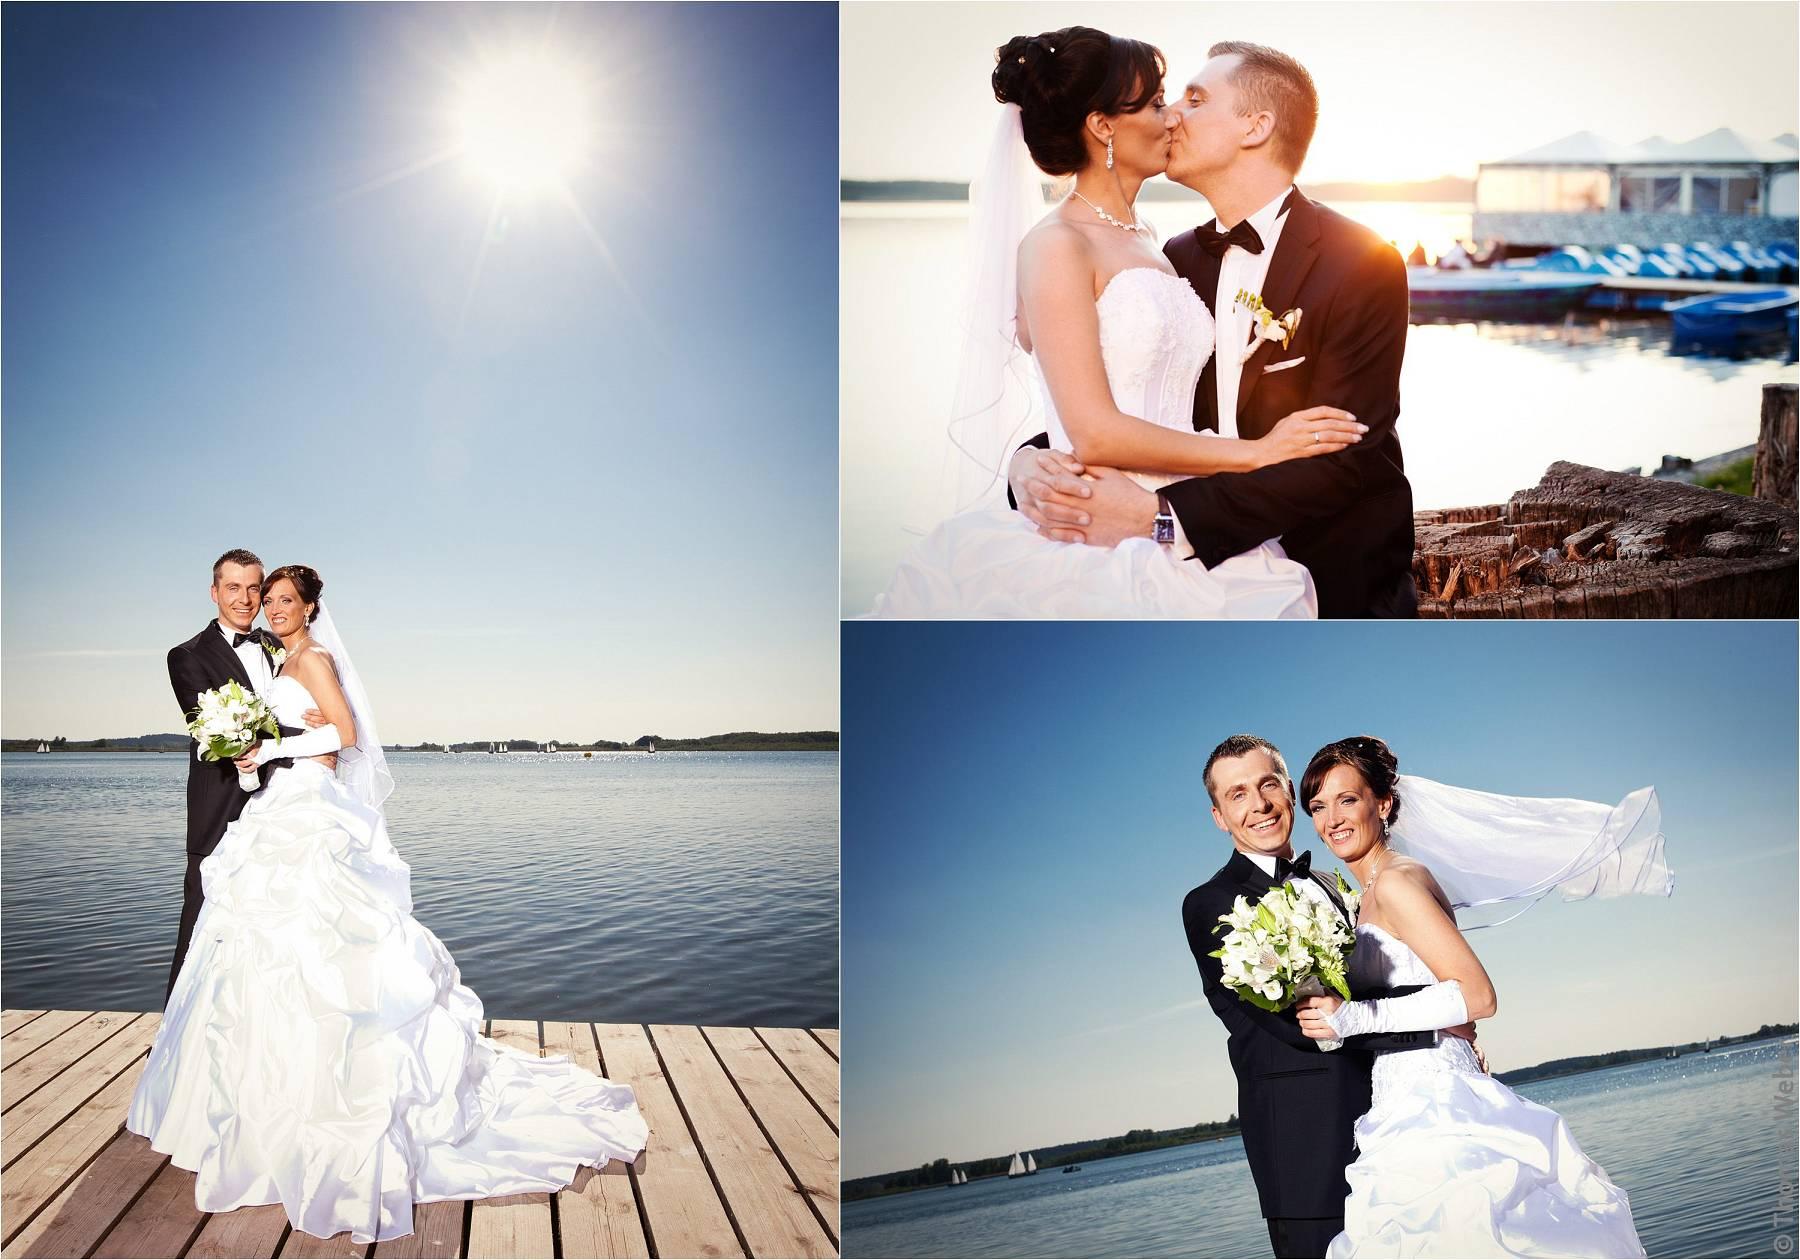 Hochzeitsfotograf Rangsdorf (Berlin): Hochzeit auf der Insel Falkenstein in Rangsdorf nahe Berlin (23)